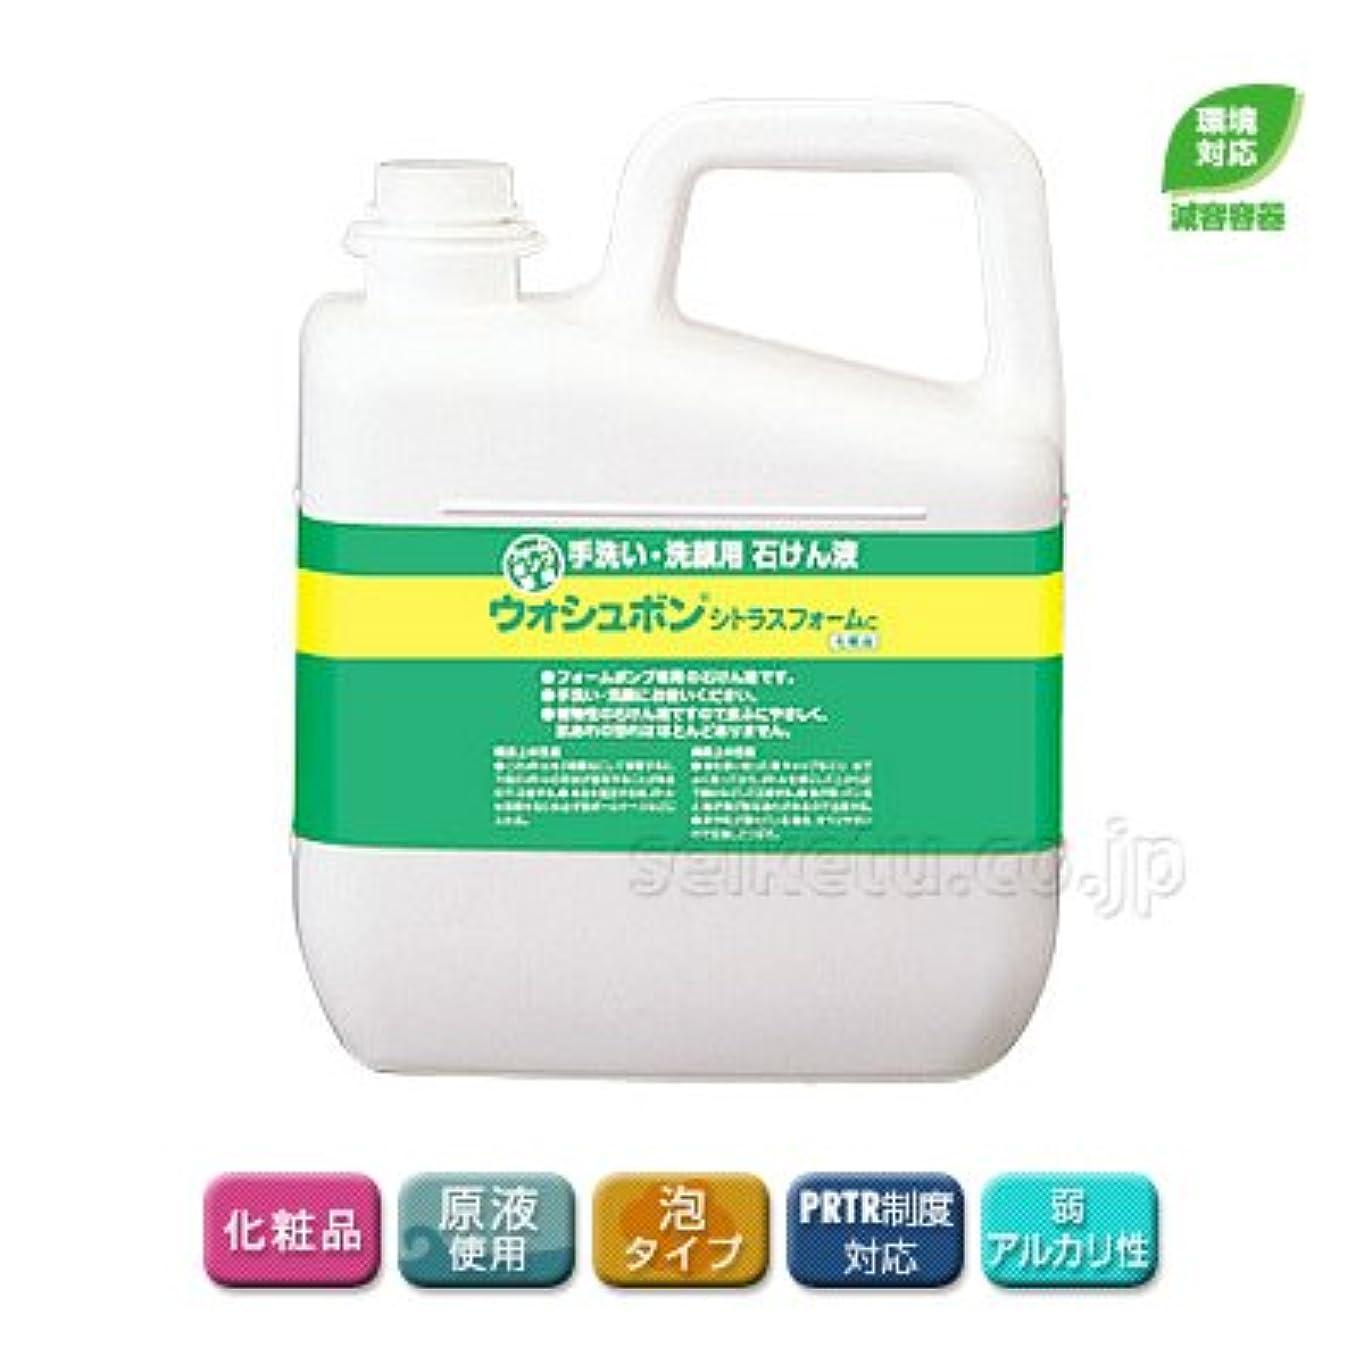 地球年金頑丈【清潔キレイ館】サラヤ ウォシュボンシトラスフォームC(5kg)